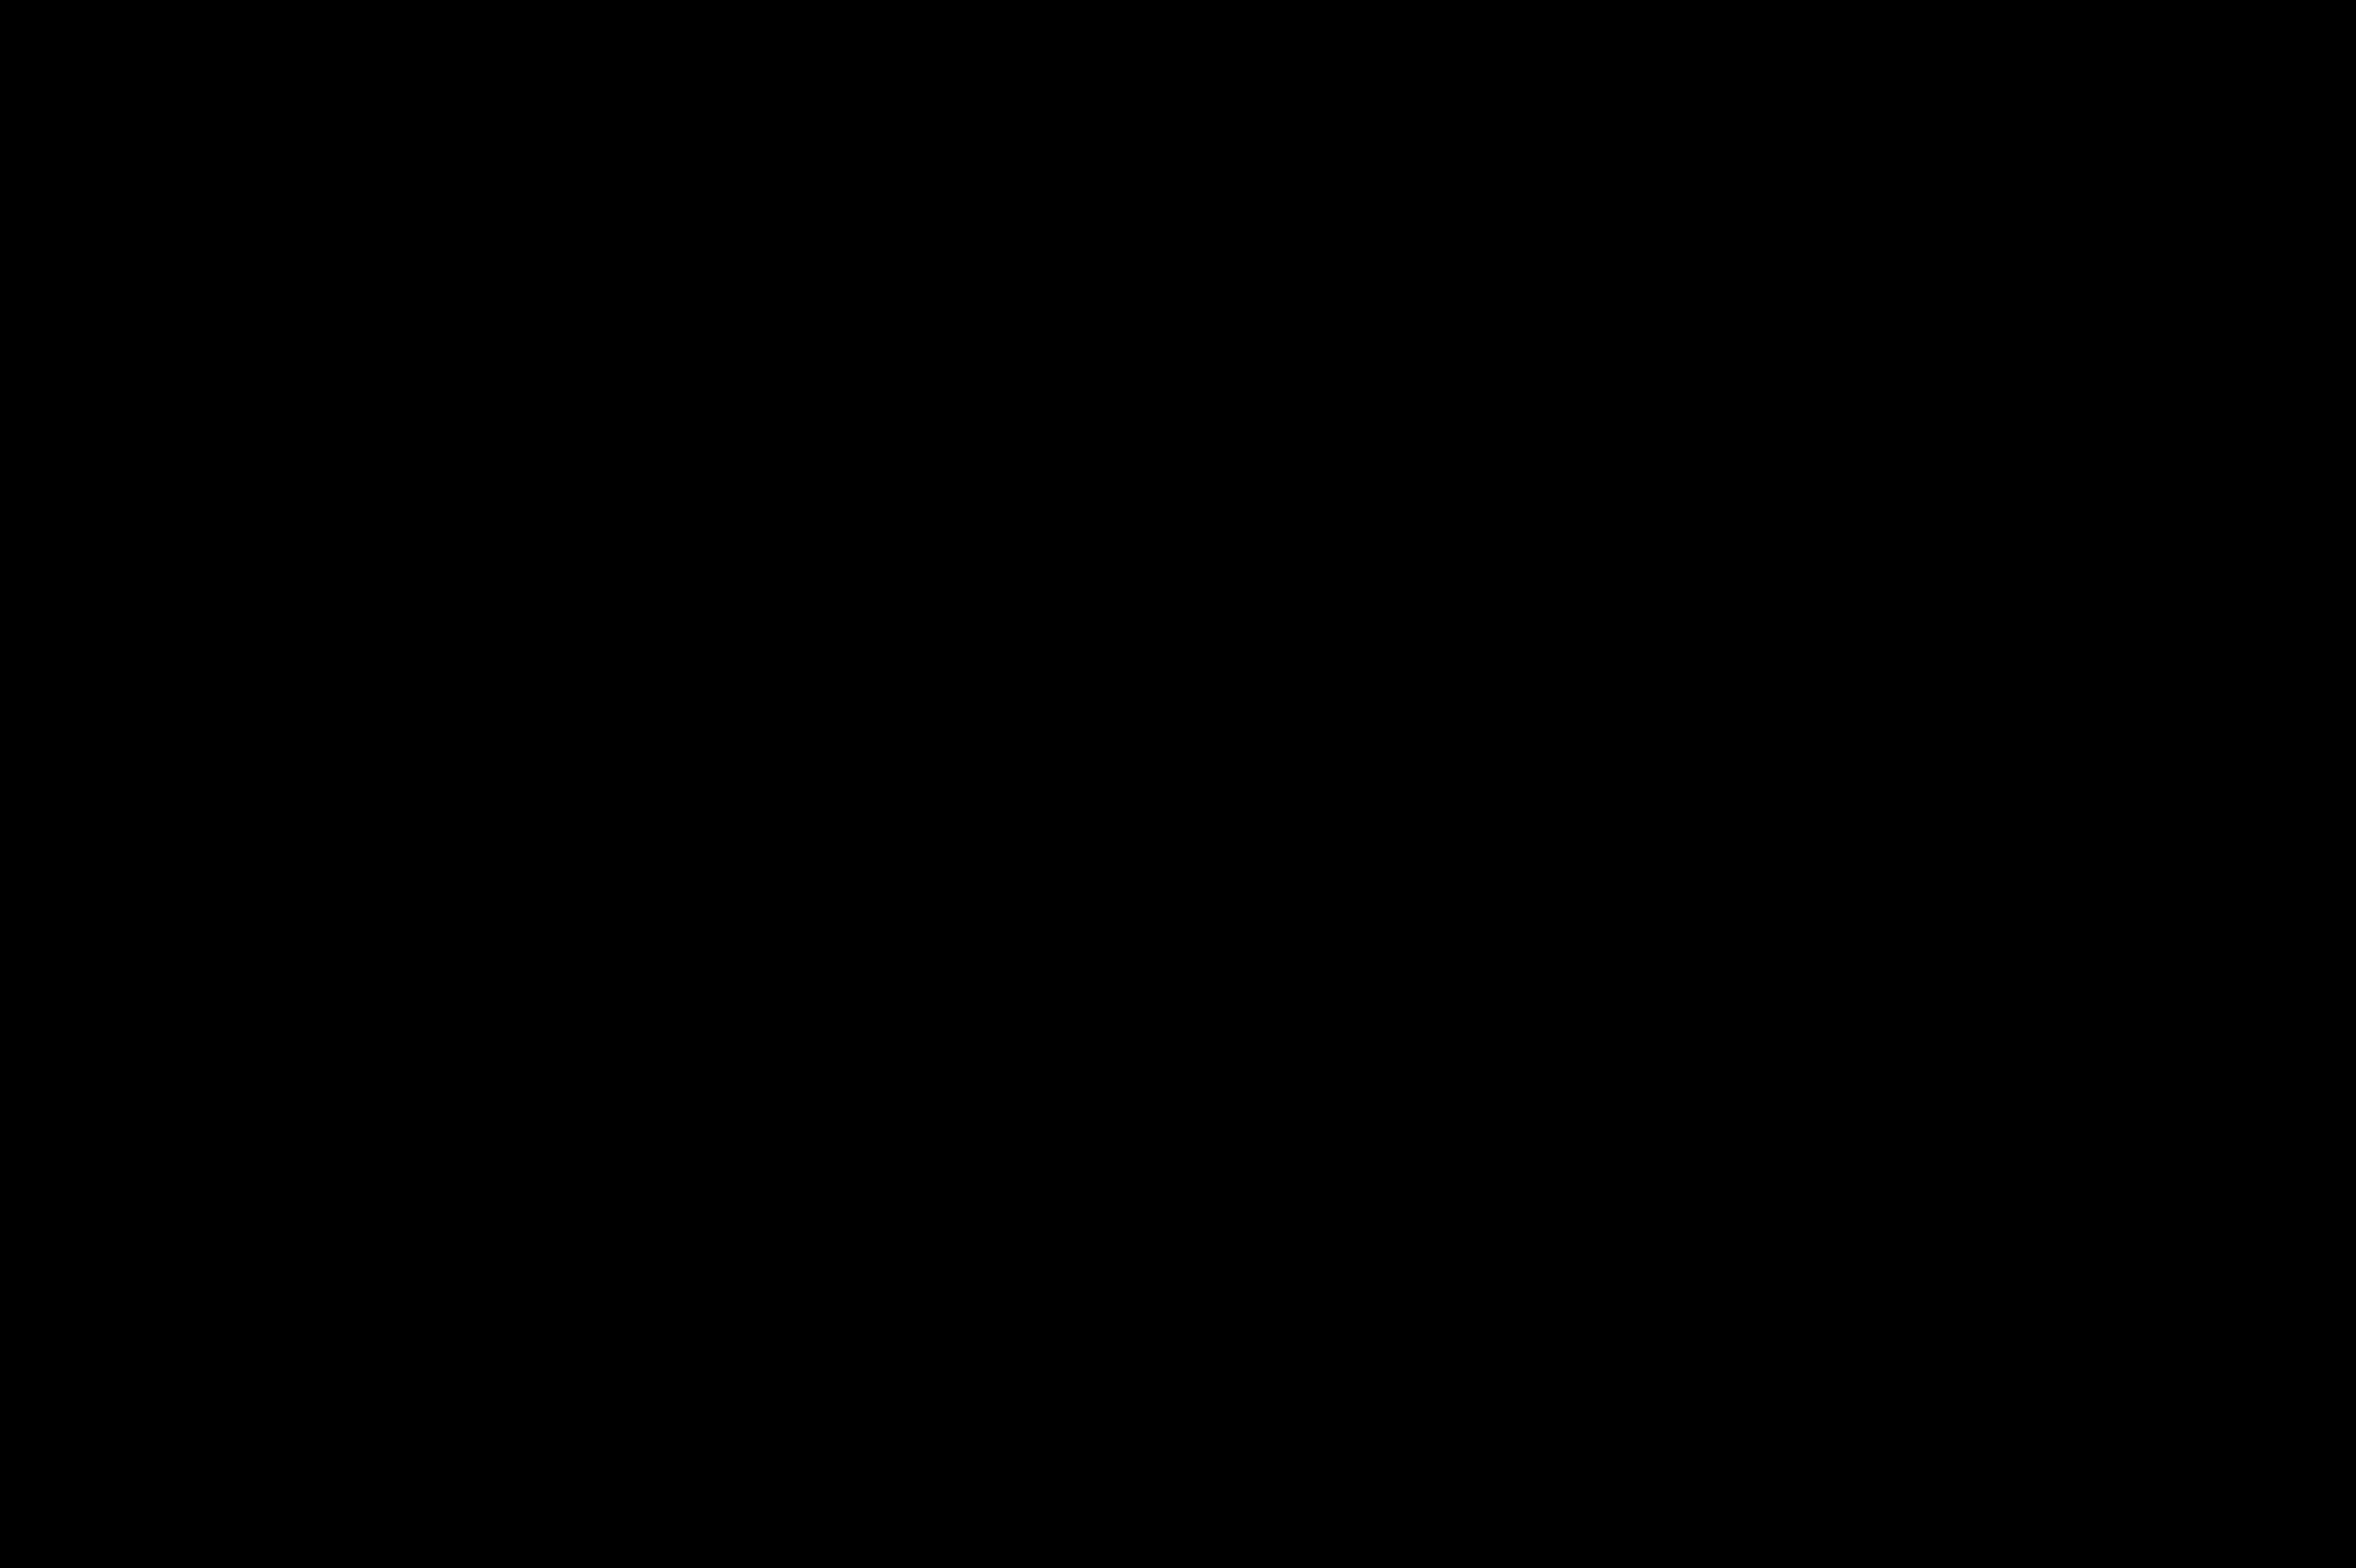 Az emberiség 1 százaléka már menekültként él az ENSZ szerint